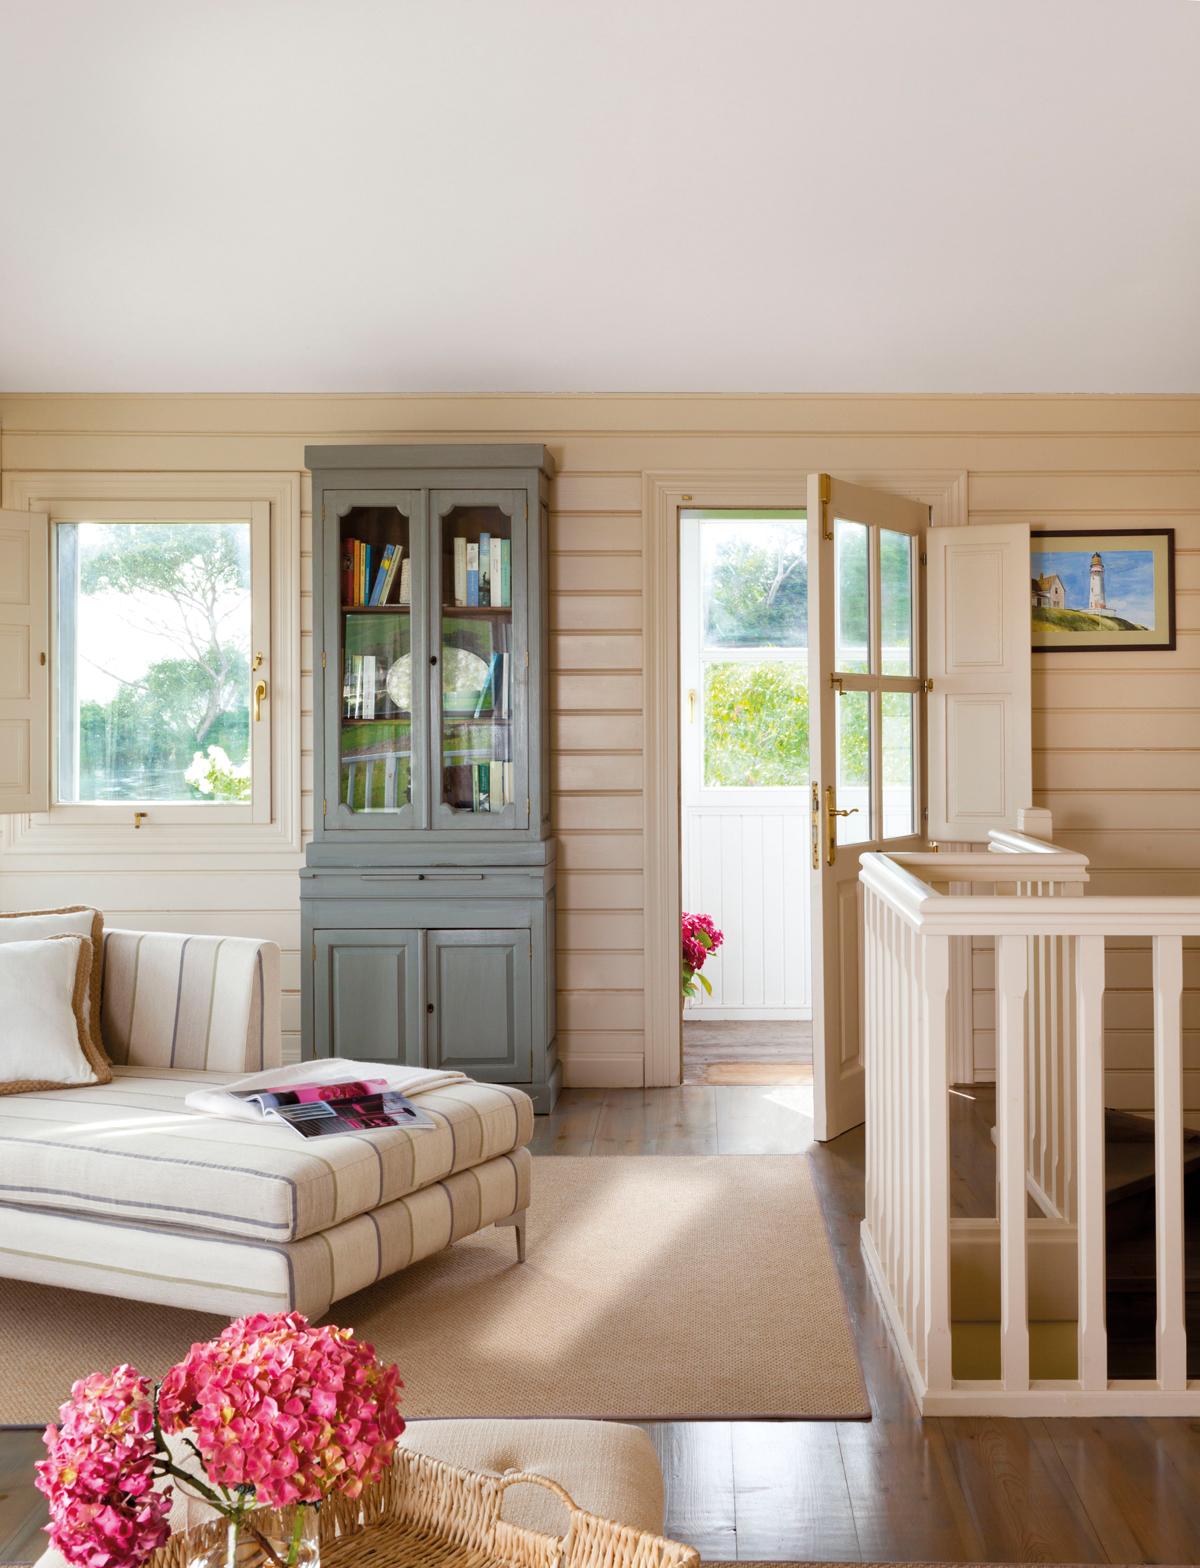 Muebles pintados gana vida y color - Objetos decorativos salon ...